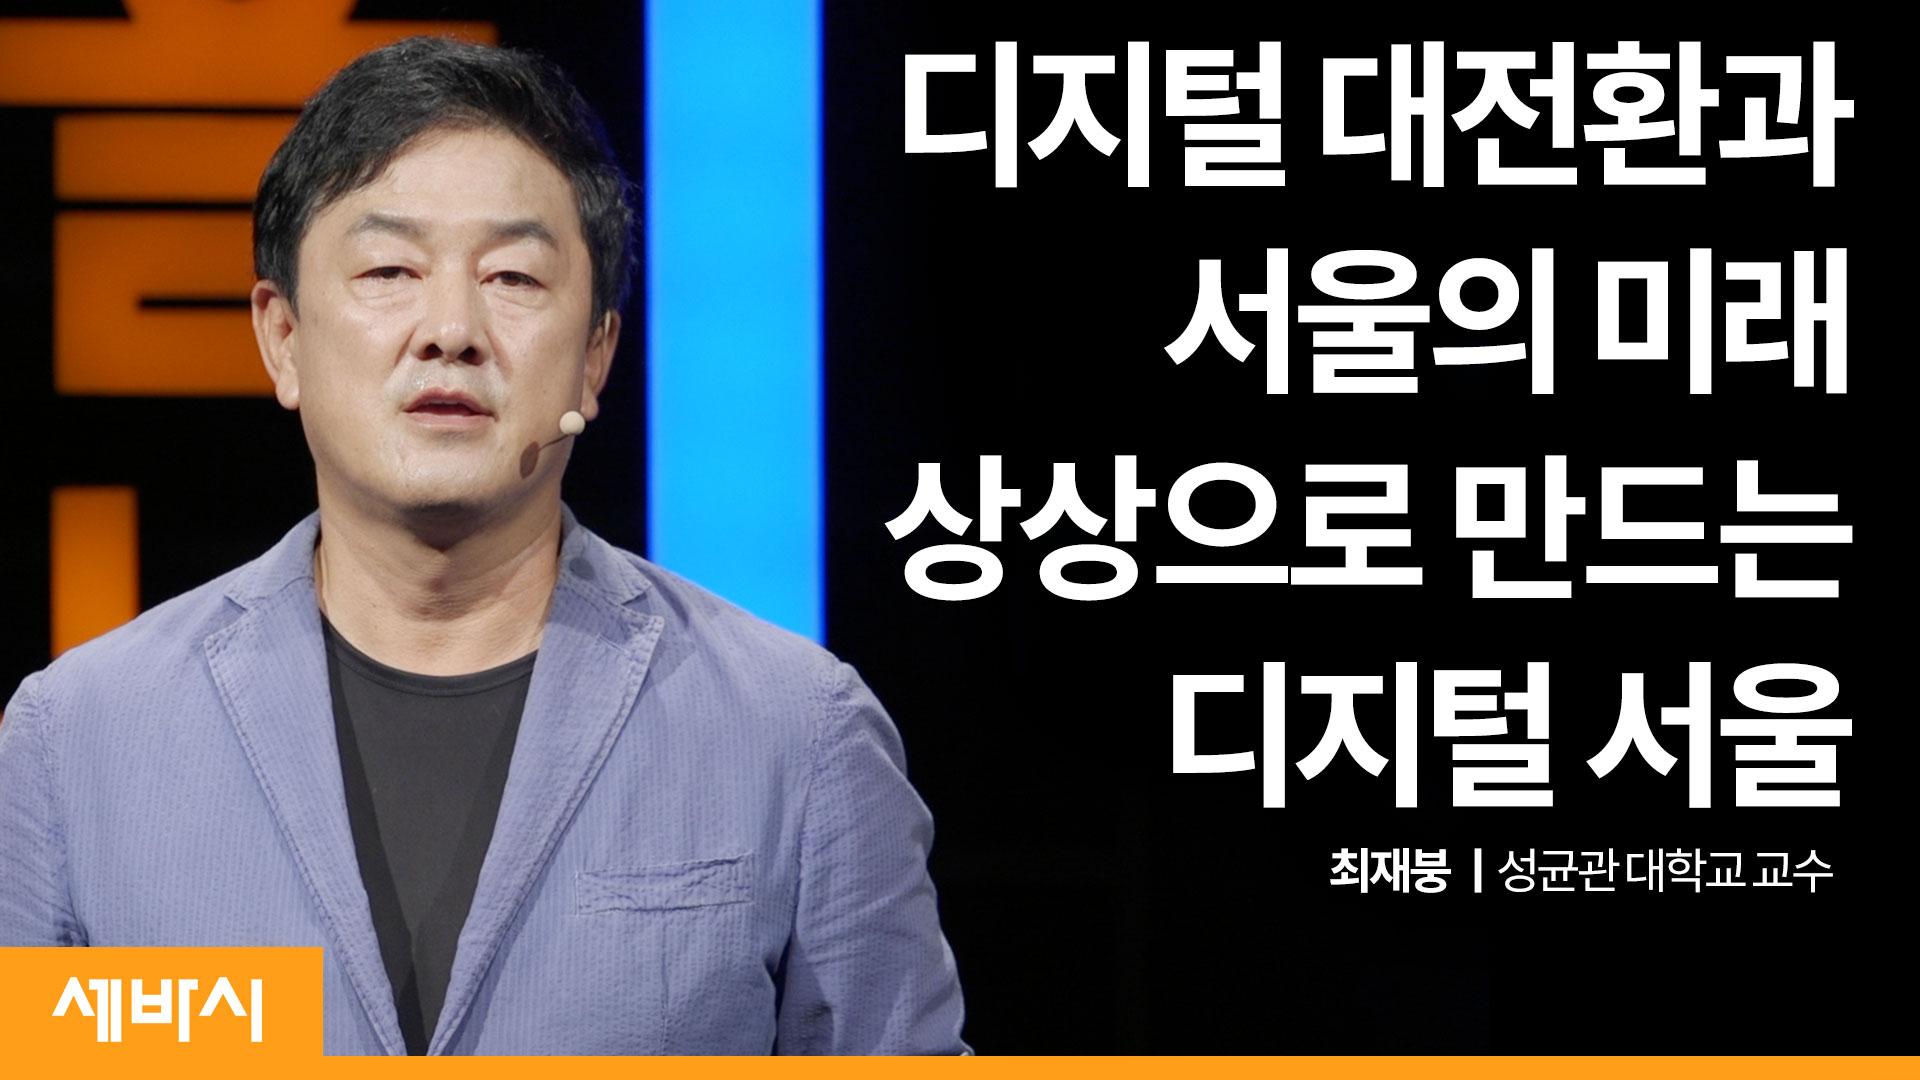 디지털 대전환과 서울의 미래, 상상으로 만드는 디지털 서울 -최재붕(성균관대 교수)